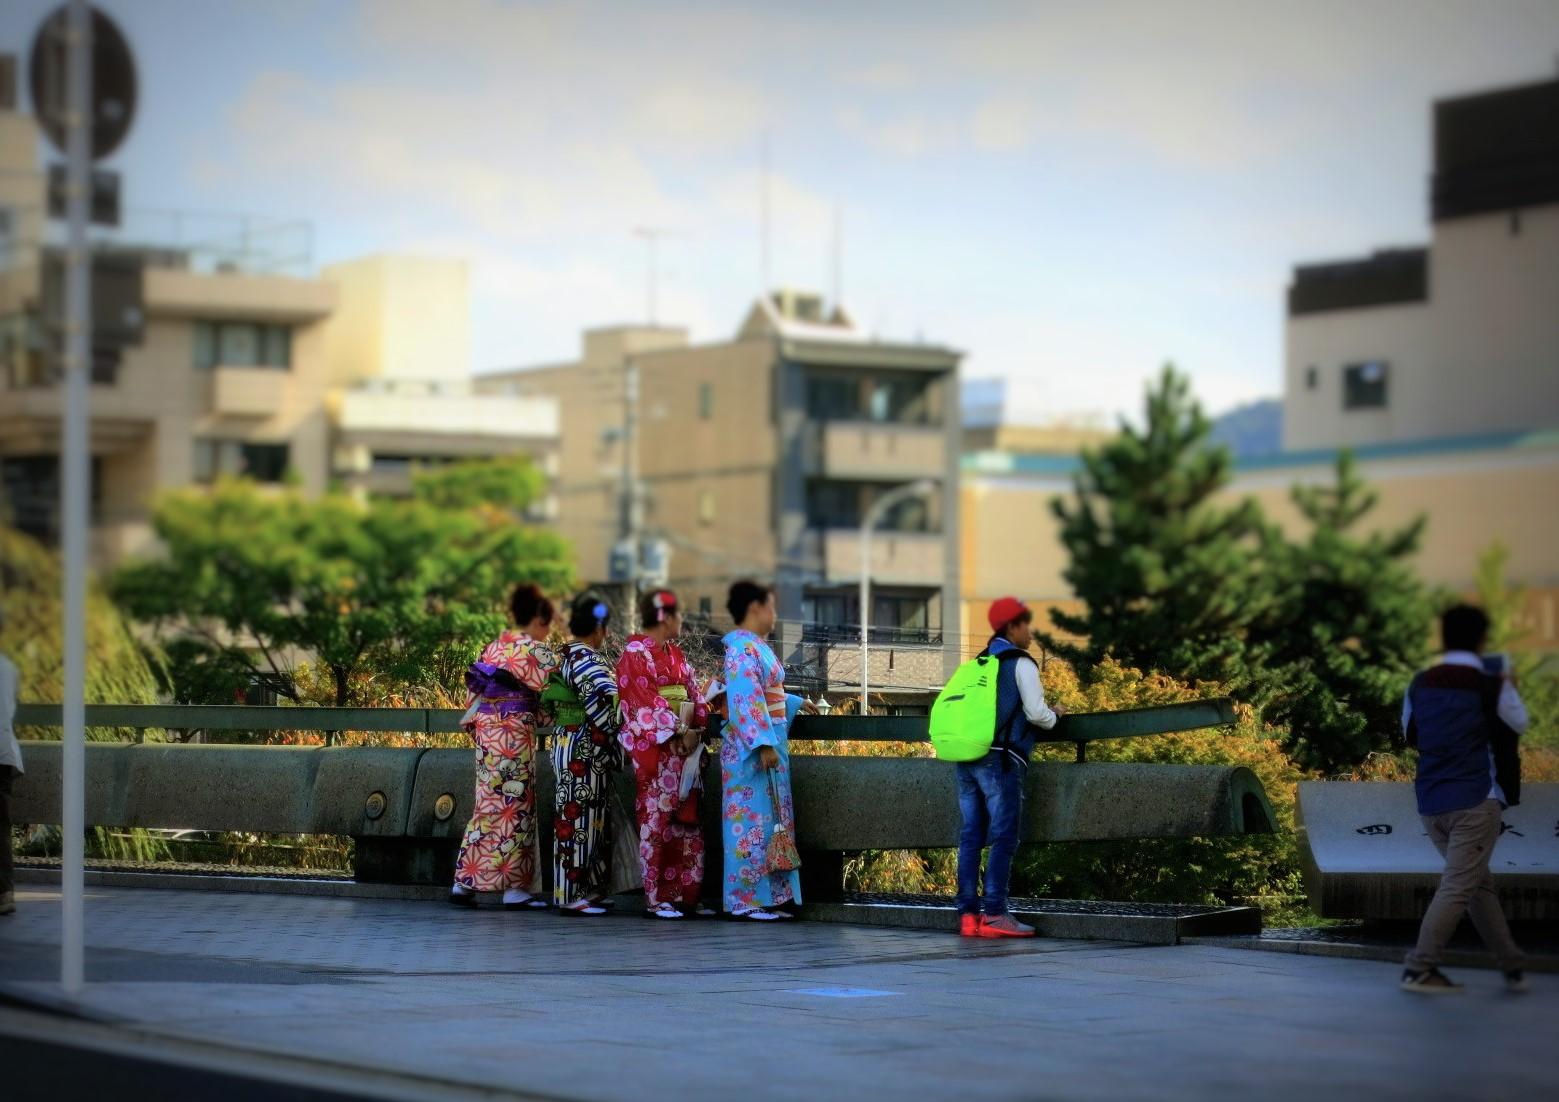 京都で朝活④ 次回の為の覚書き♪_f0236260_14532675.jpg